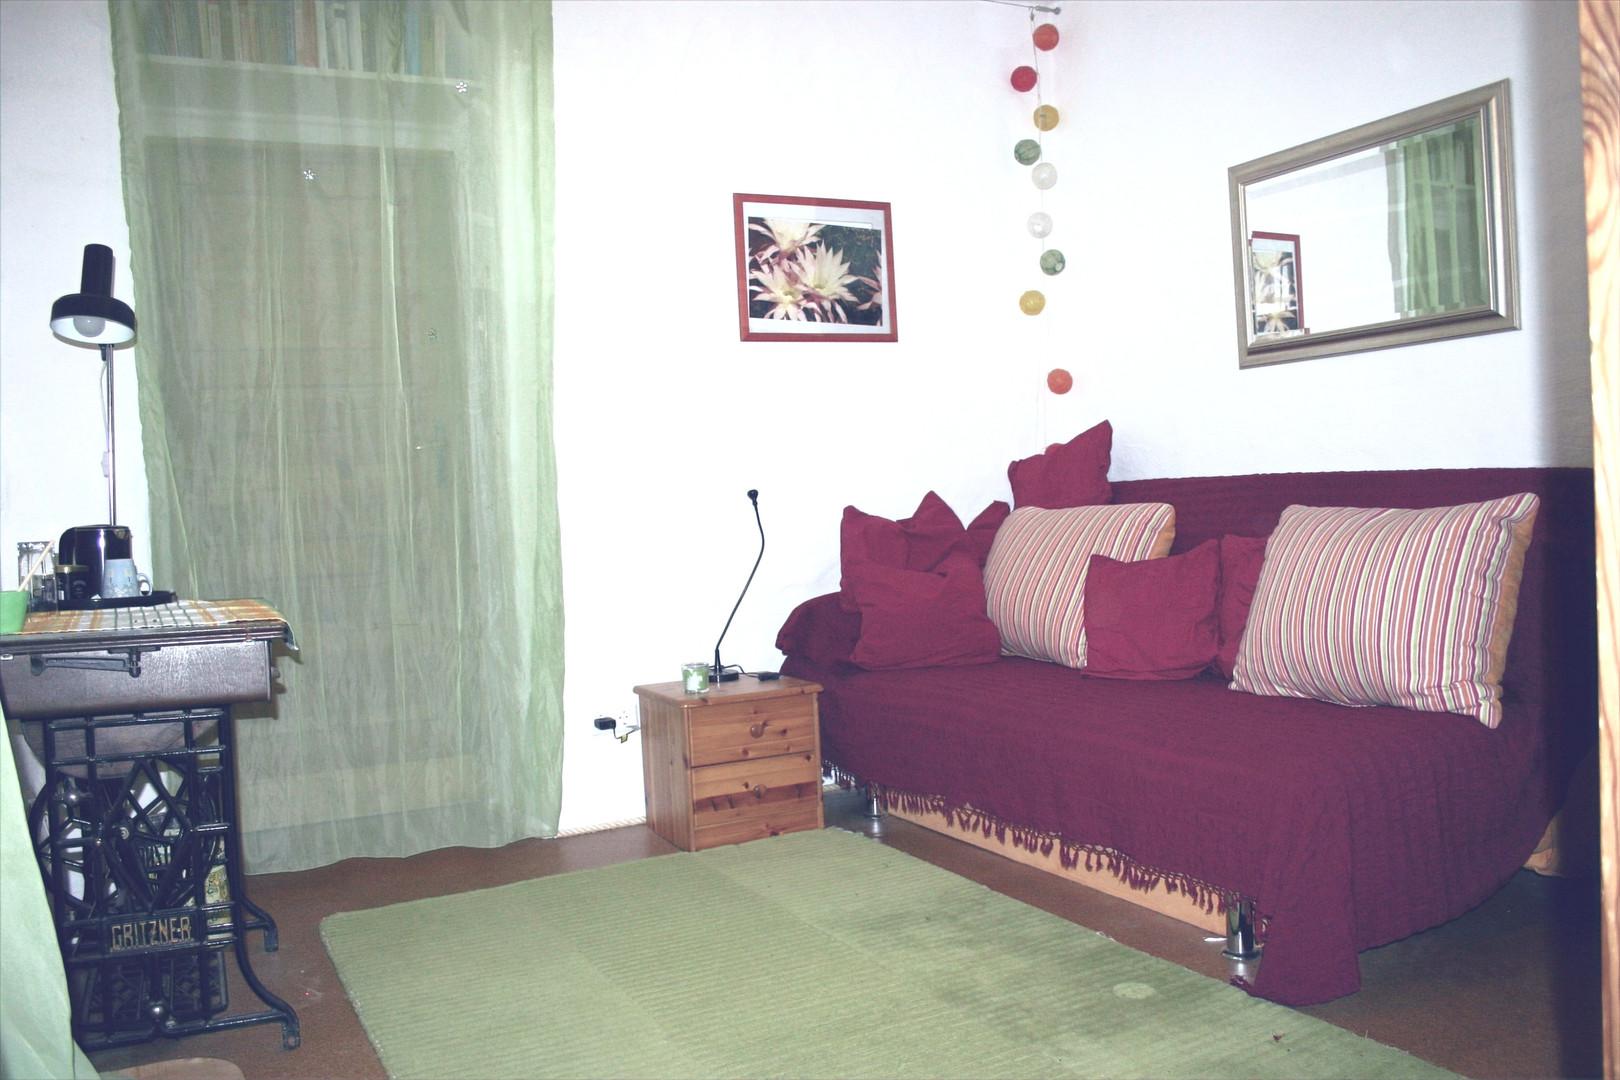 Grünes Zimmer 2